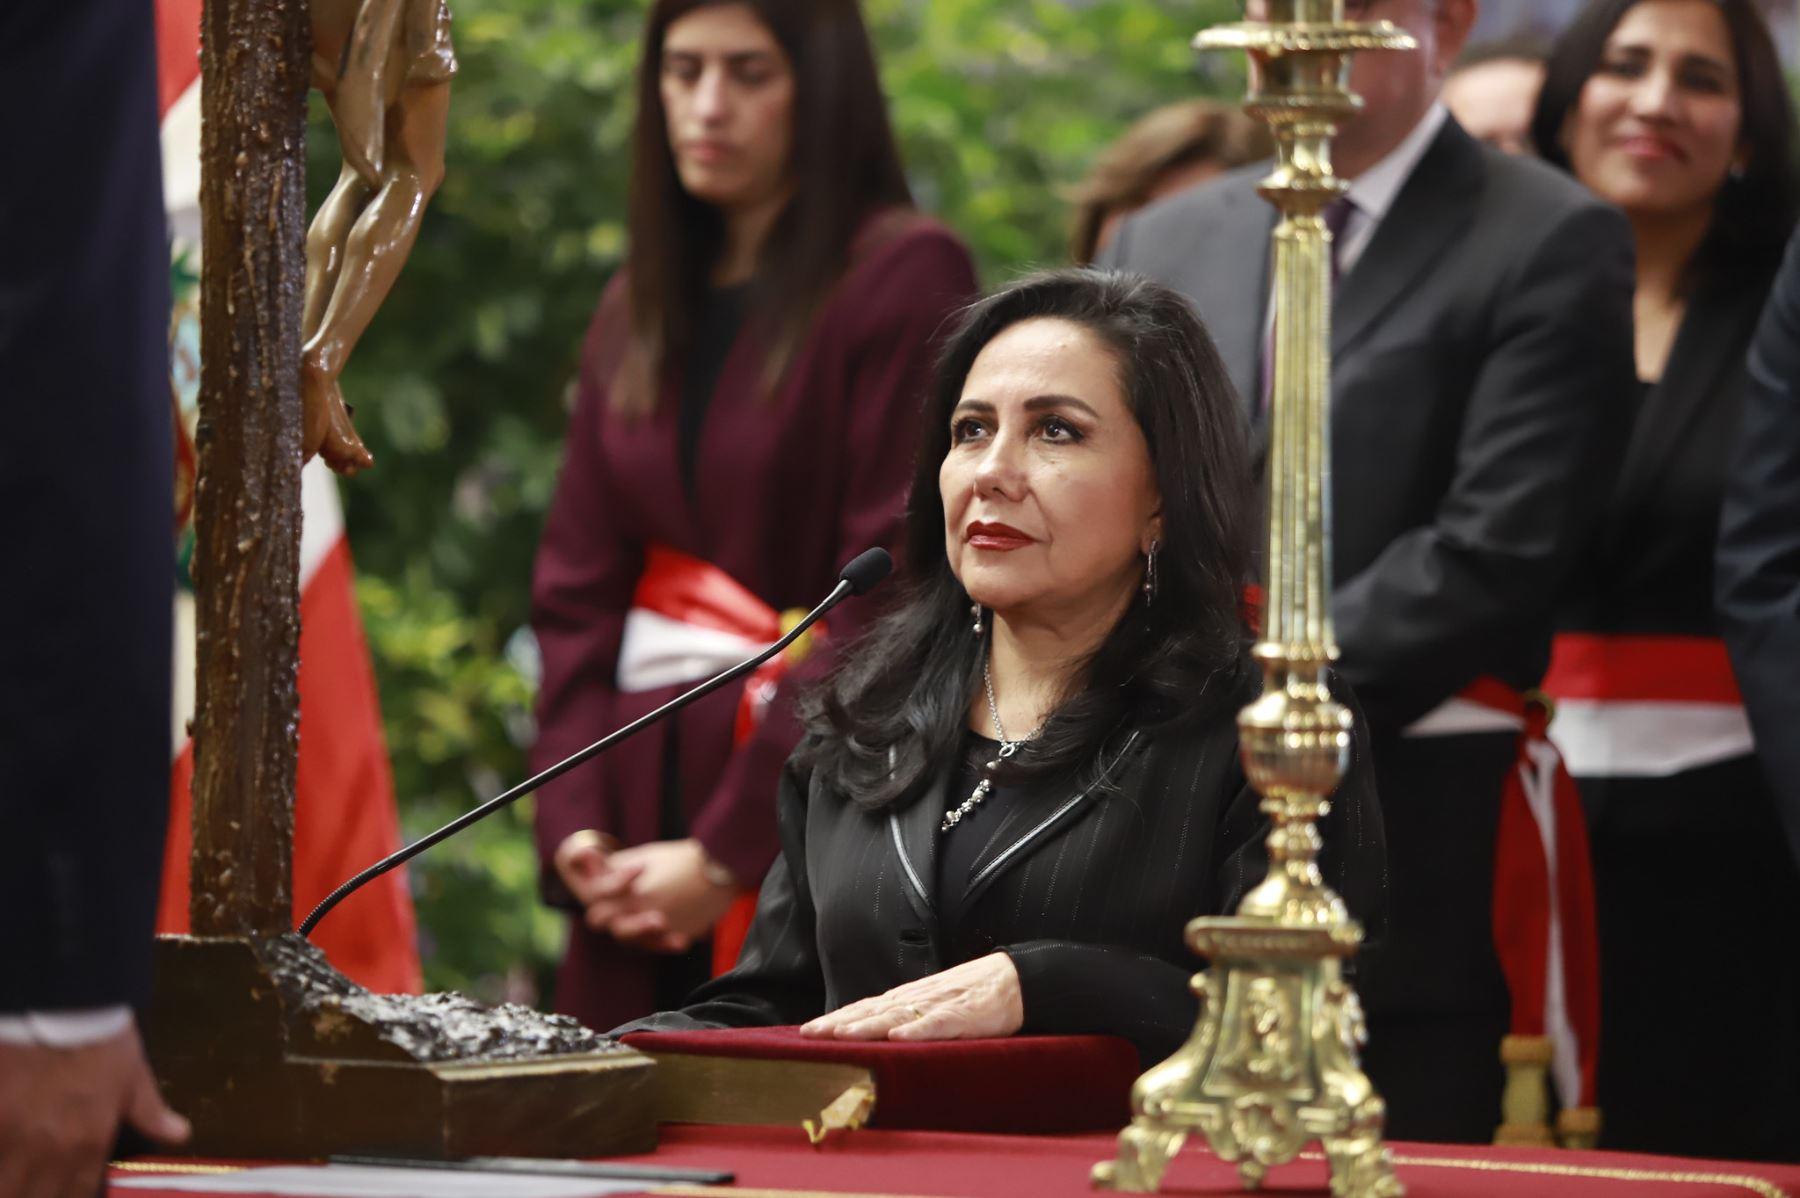 Ministra Montenegro exhorta a los partidos a escoger bien a sus candidatos al Congreso